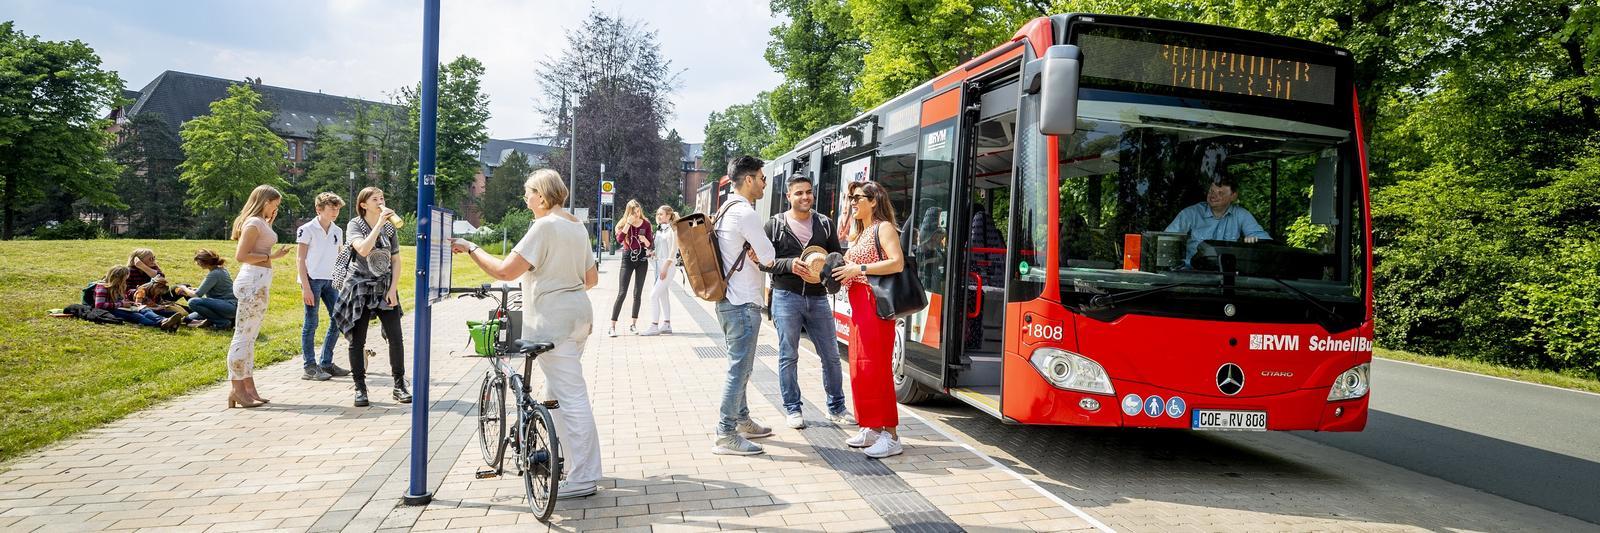 Verkehr und Nahmobilität